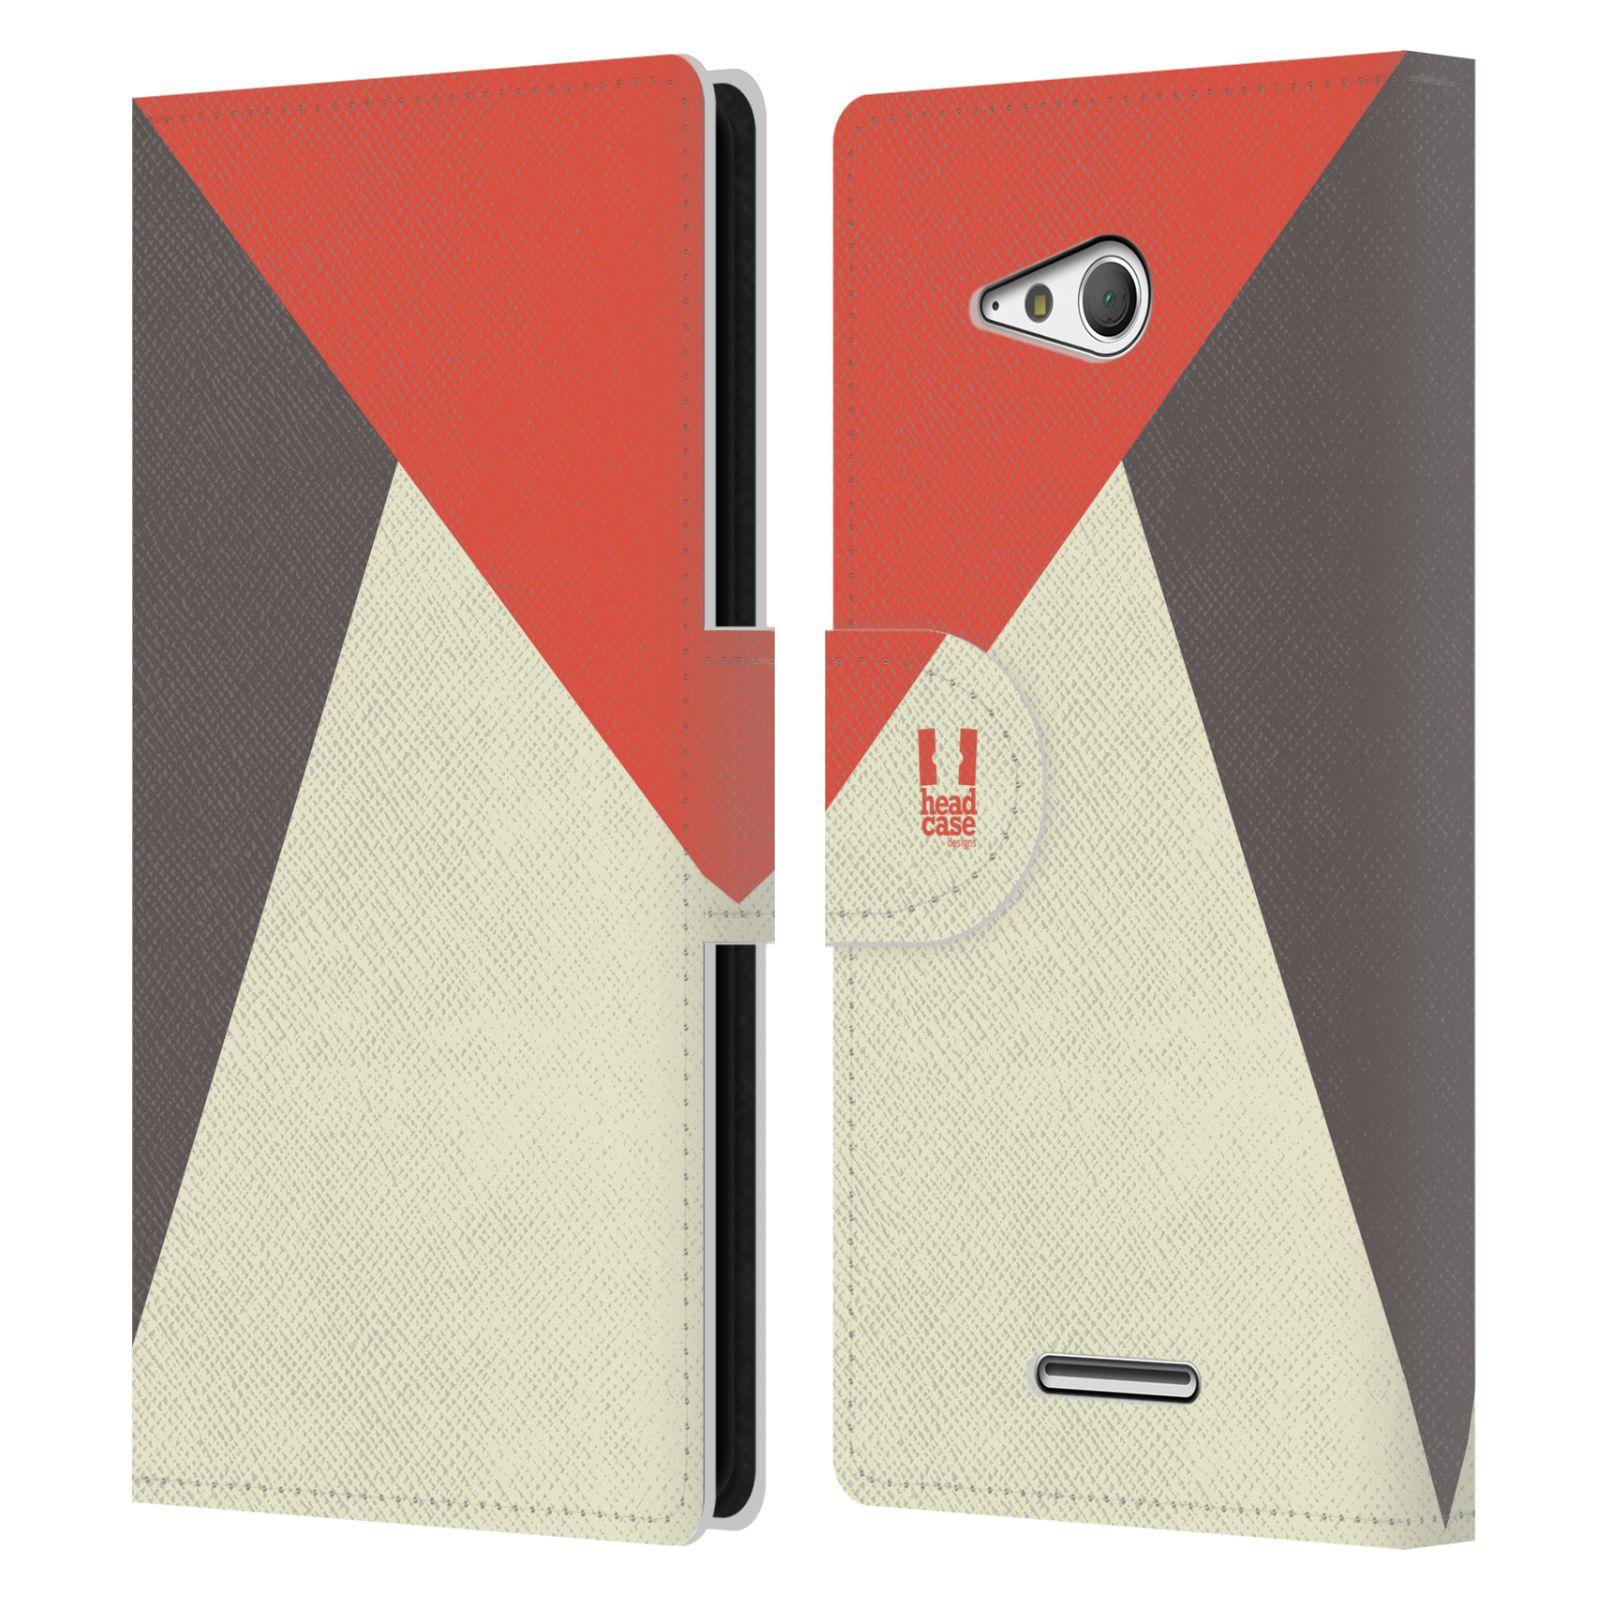 HEAD CASE Flipové pouzdro pro mobil SONY Xperia E4g barevné tvary červená a šedá COOL